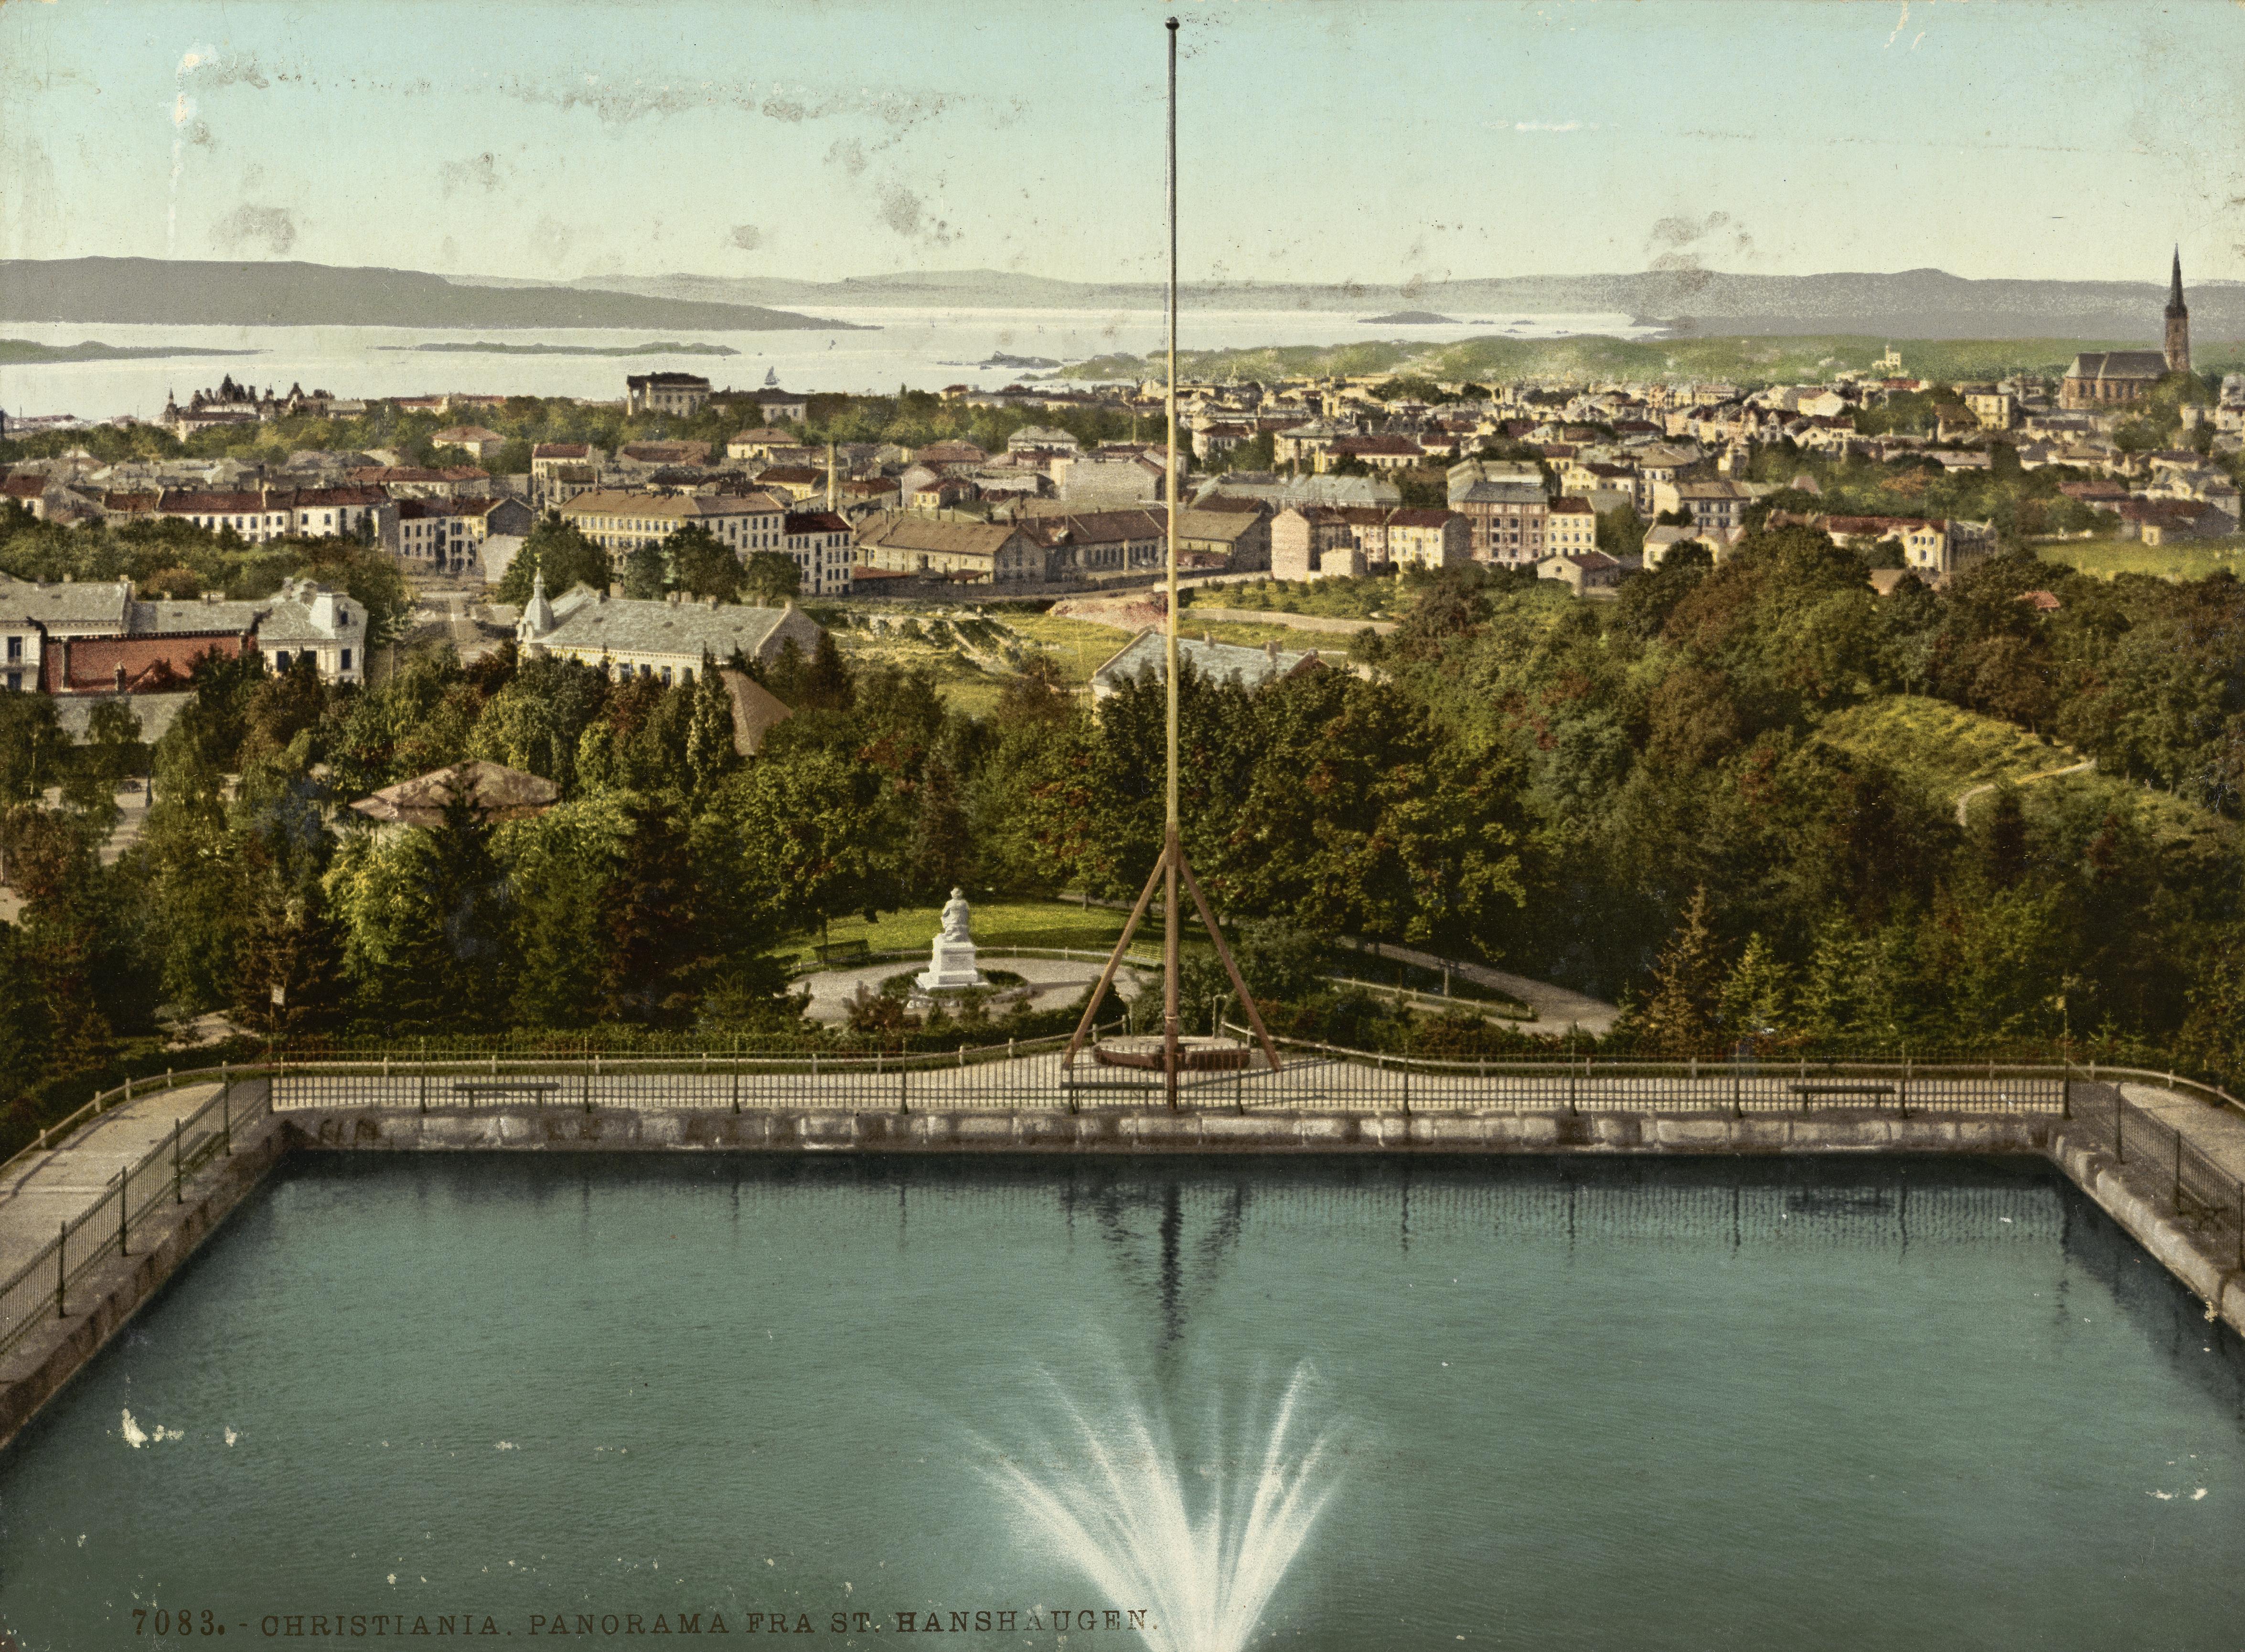 7083. Christiania. Panorama fra St. Hanshaugen